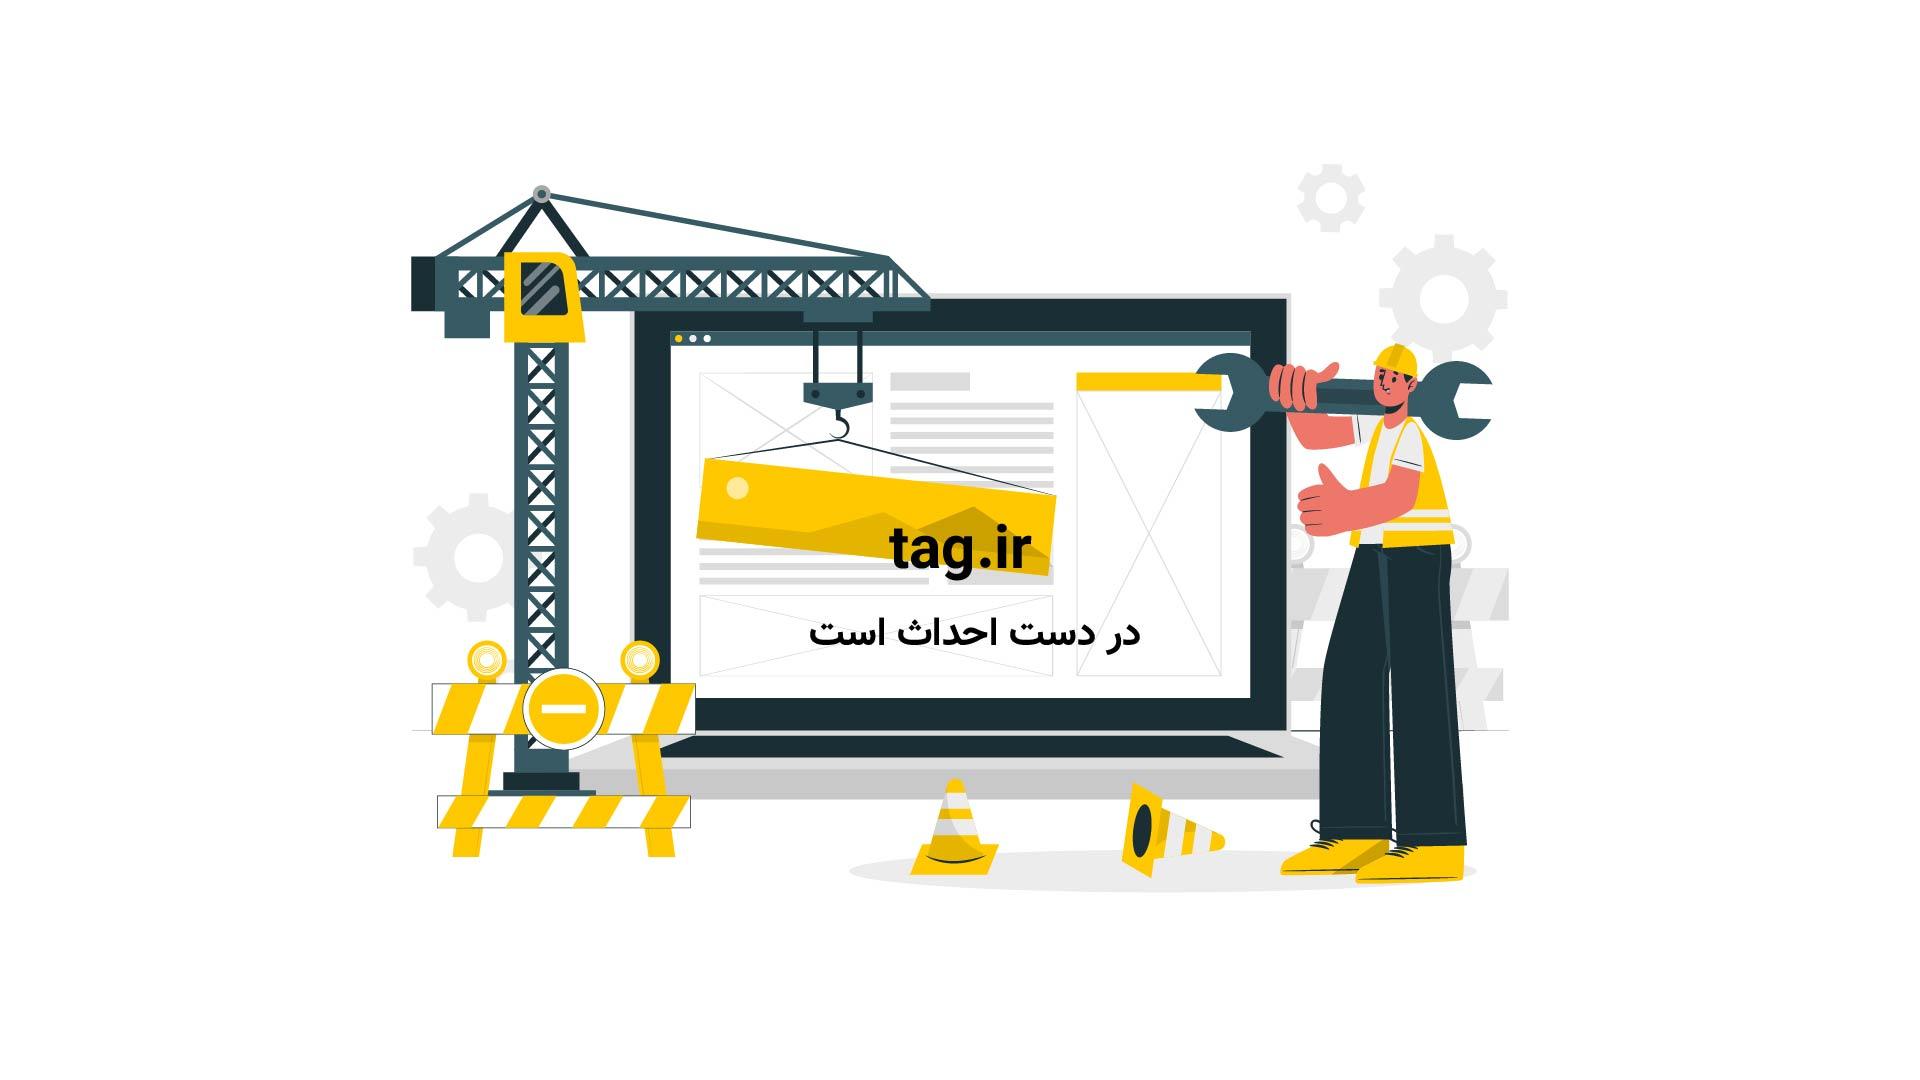 نماز عید فطر | تگ